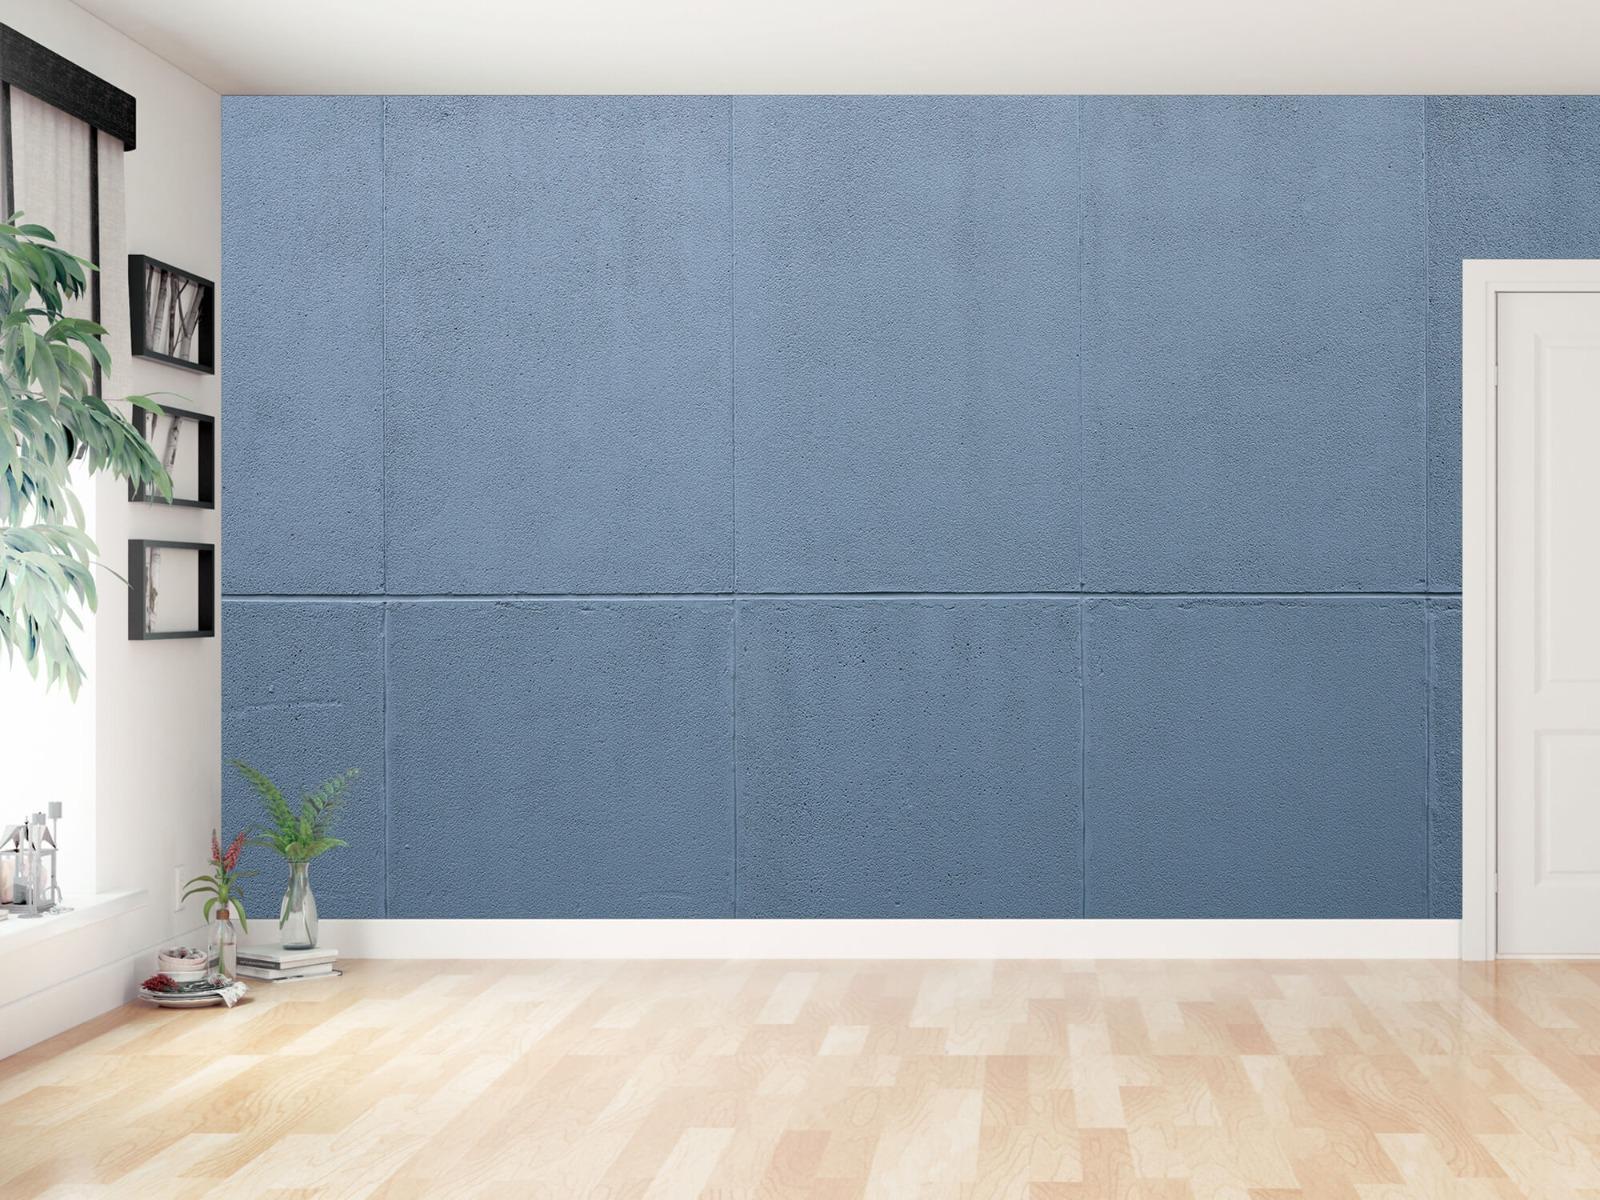 Betonlook behang - Geschilderde betonnen platen - Kantoor 15